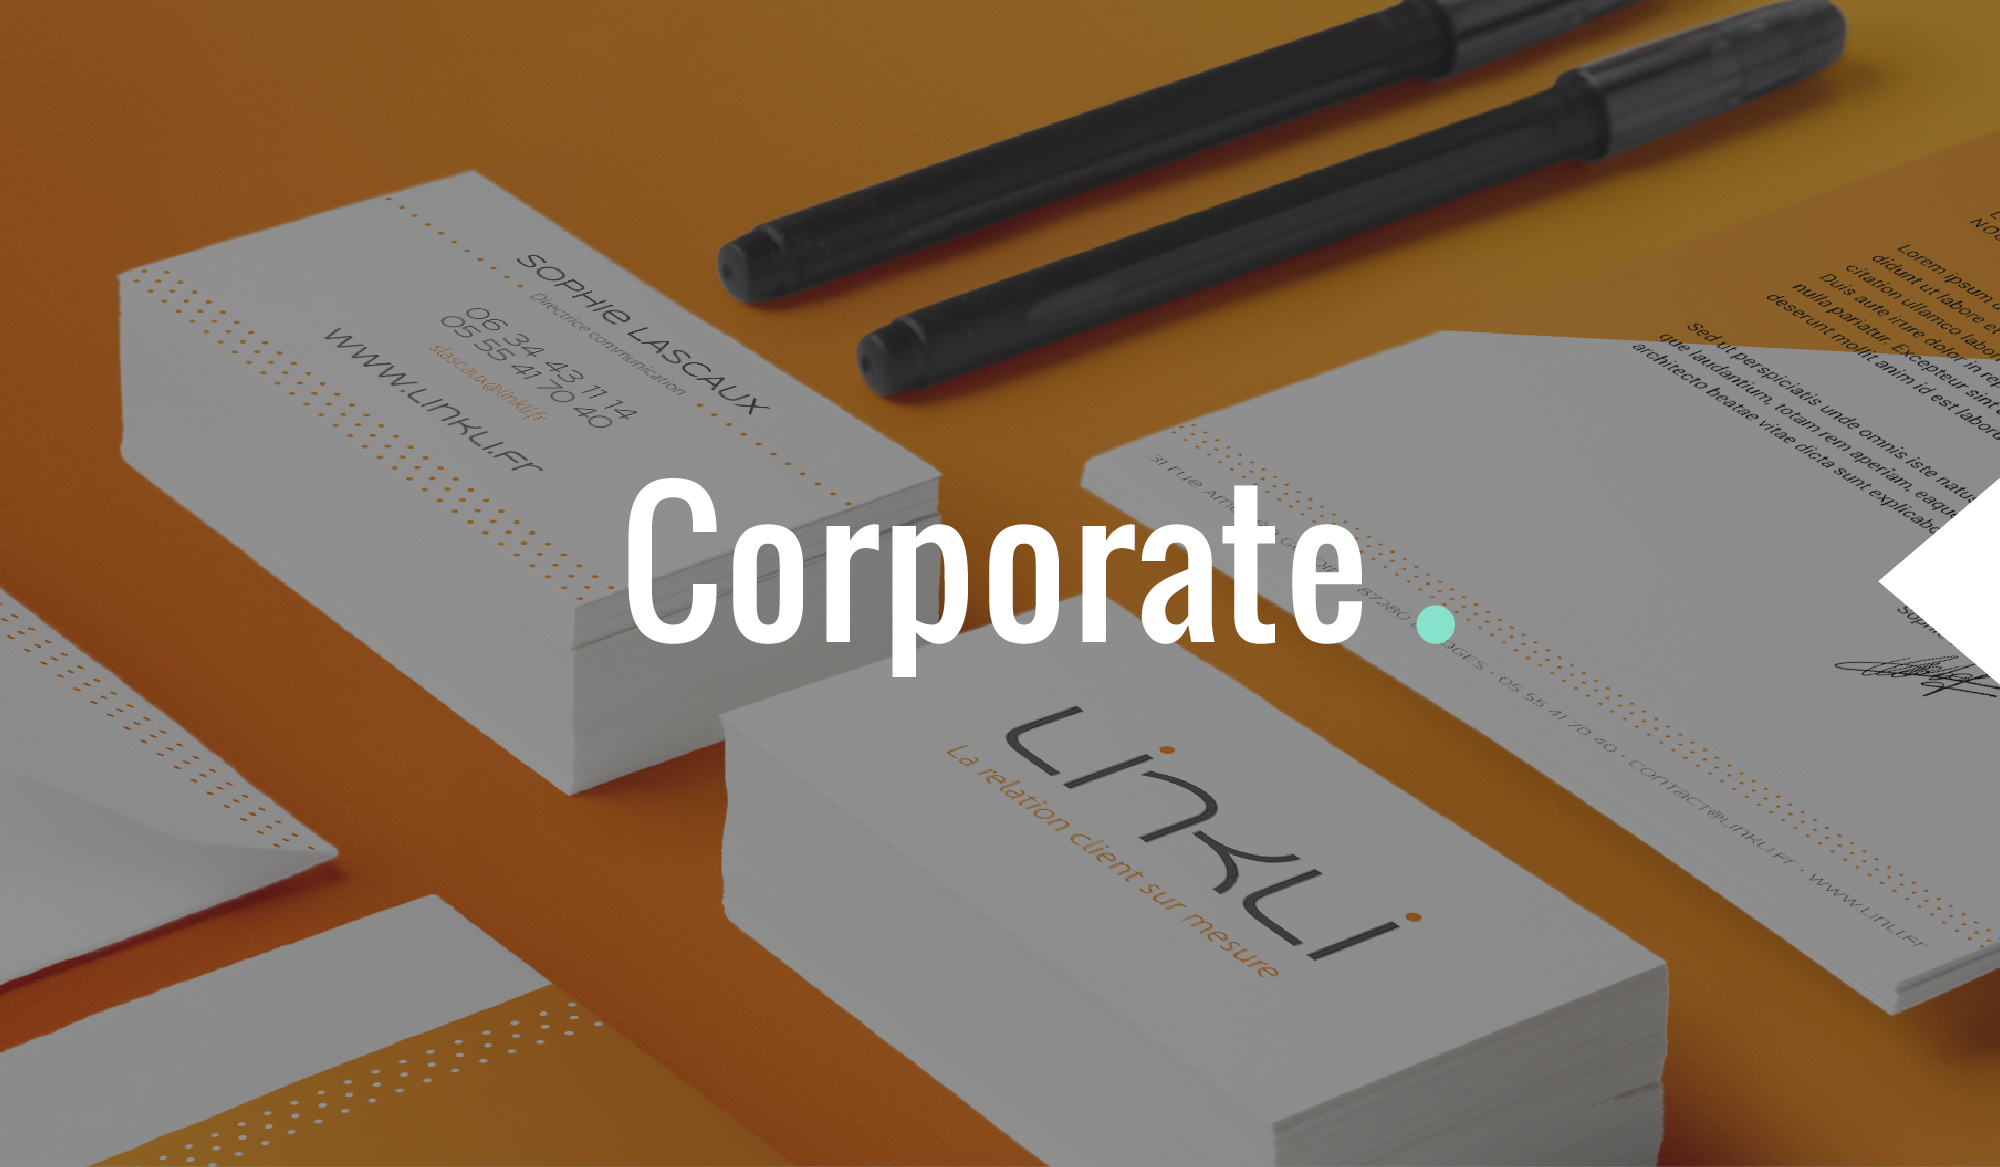 Identité visuelle et papeterie de marque by DGGD